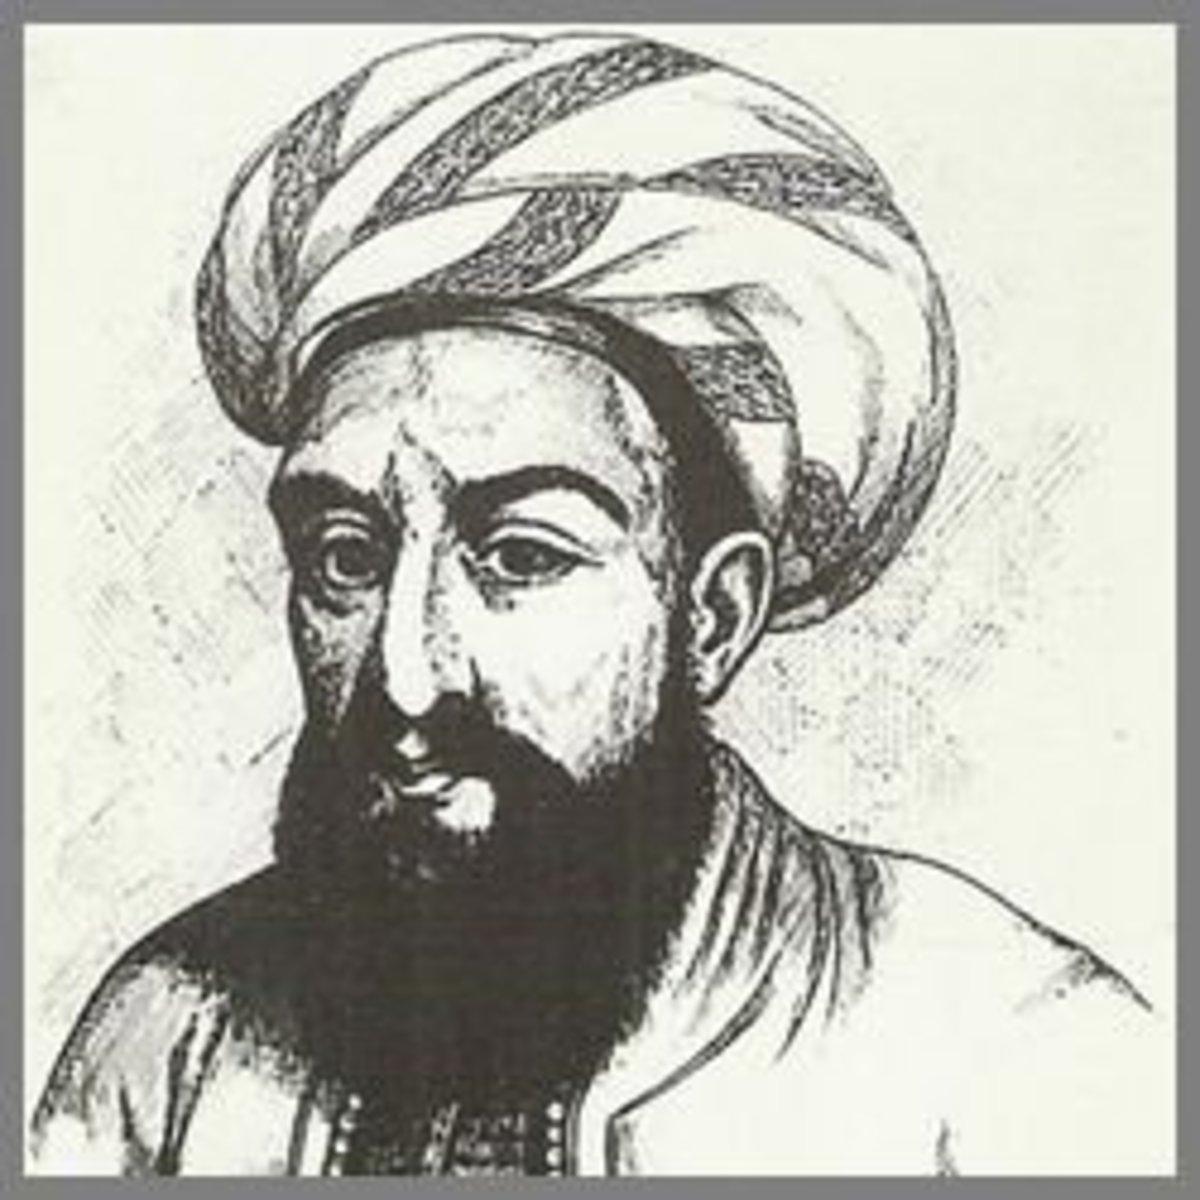 Afgan King Shah Zaman